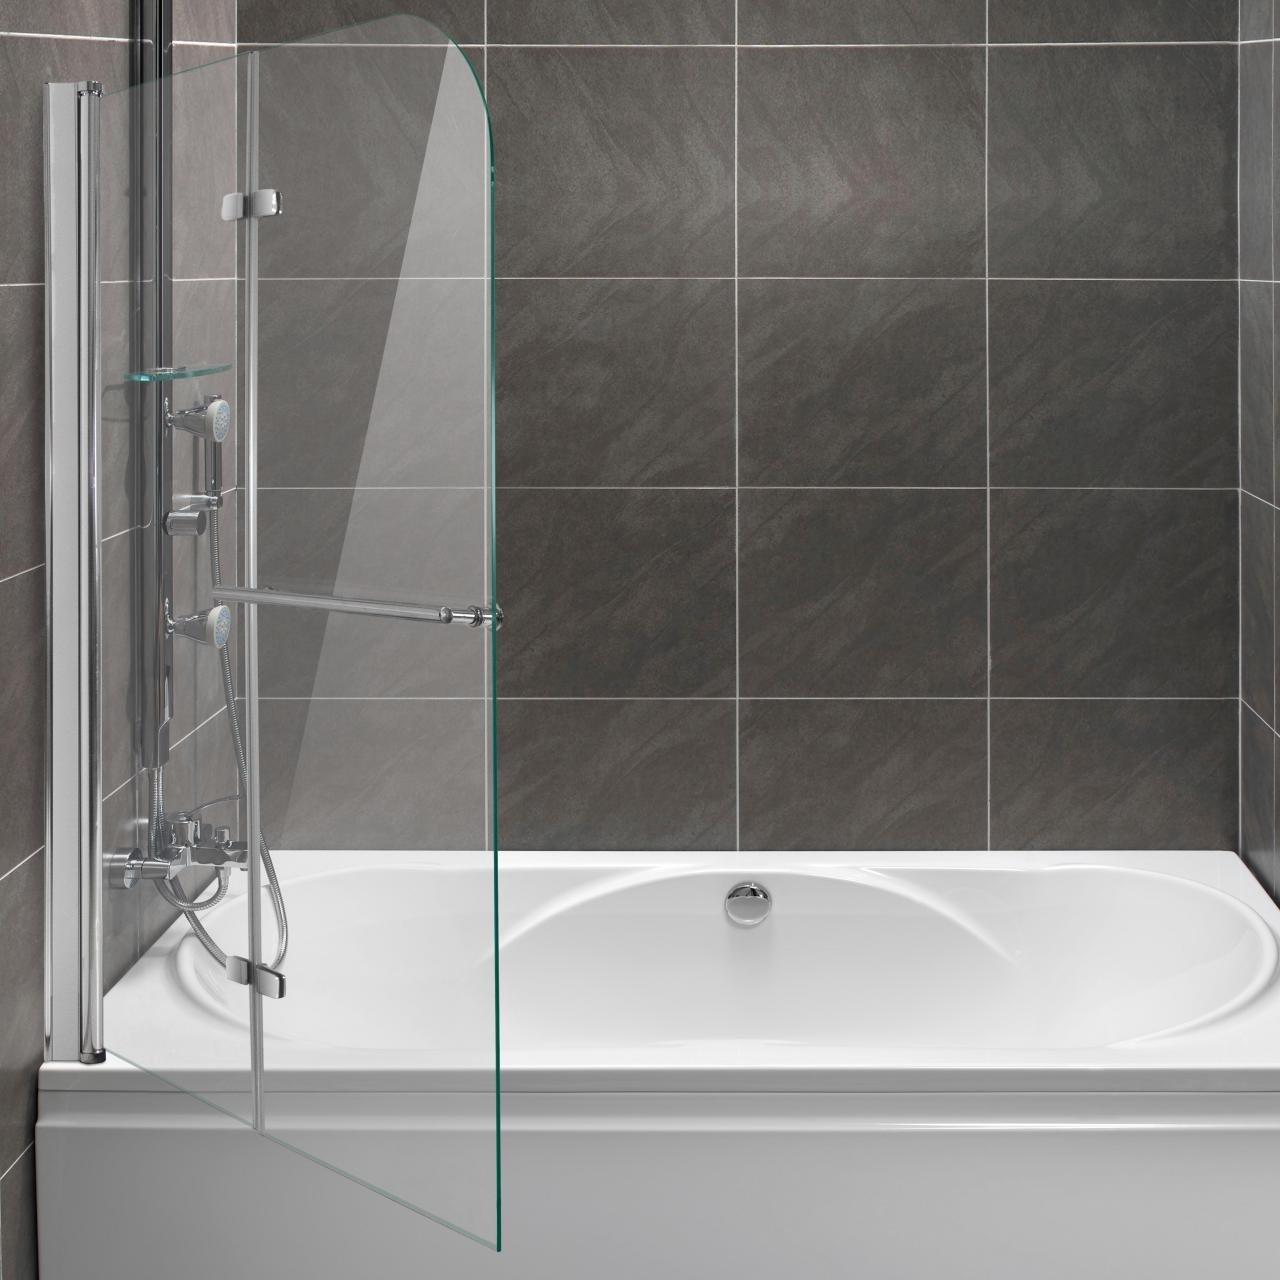 Home Lux - Mampara para bañera plegable pared faltdusch pared ...